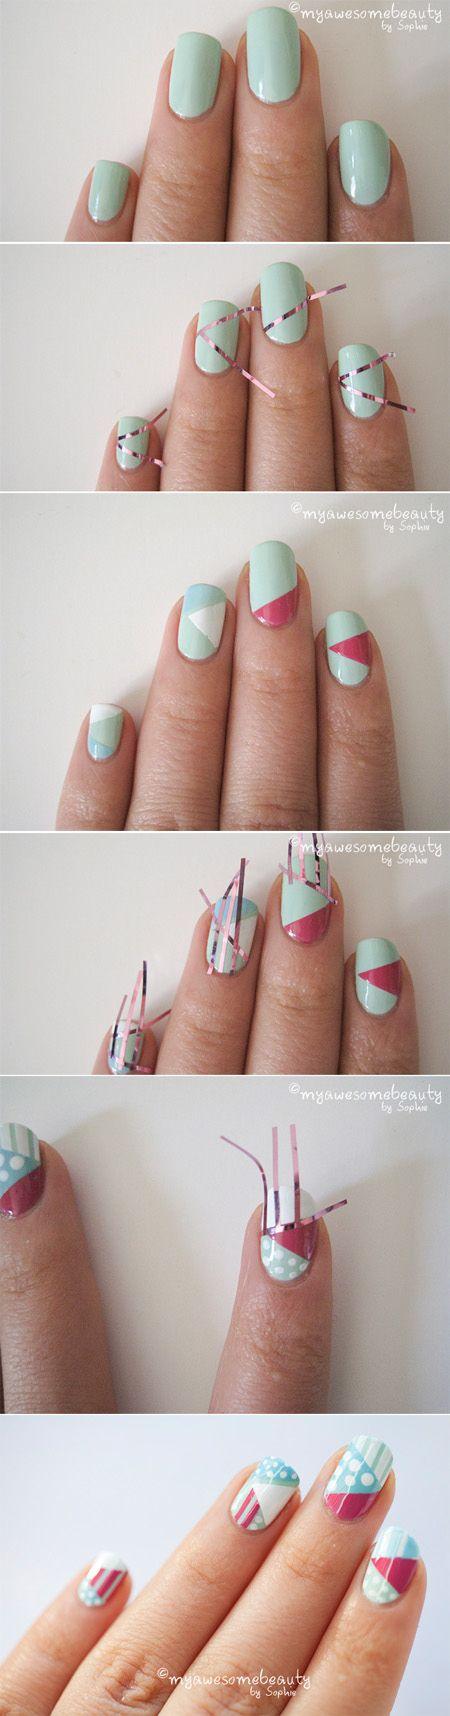 diseño de uñas con cintas y colores